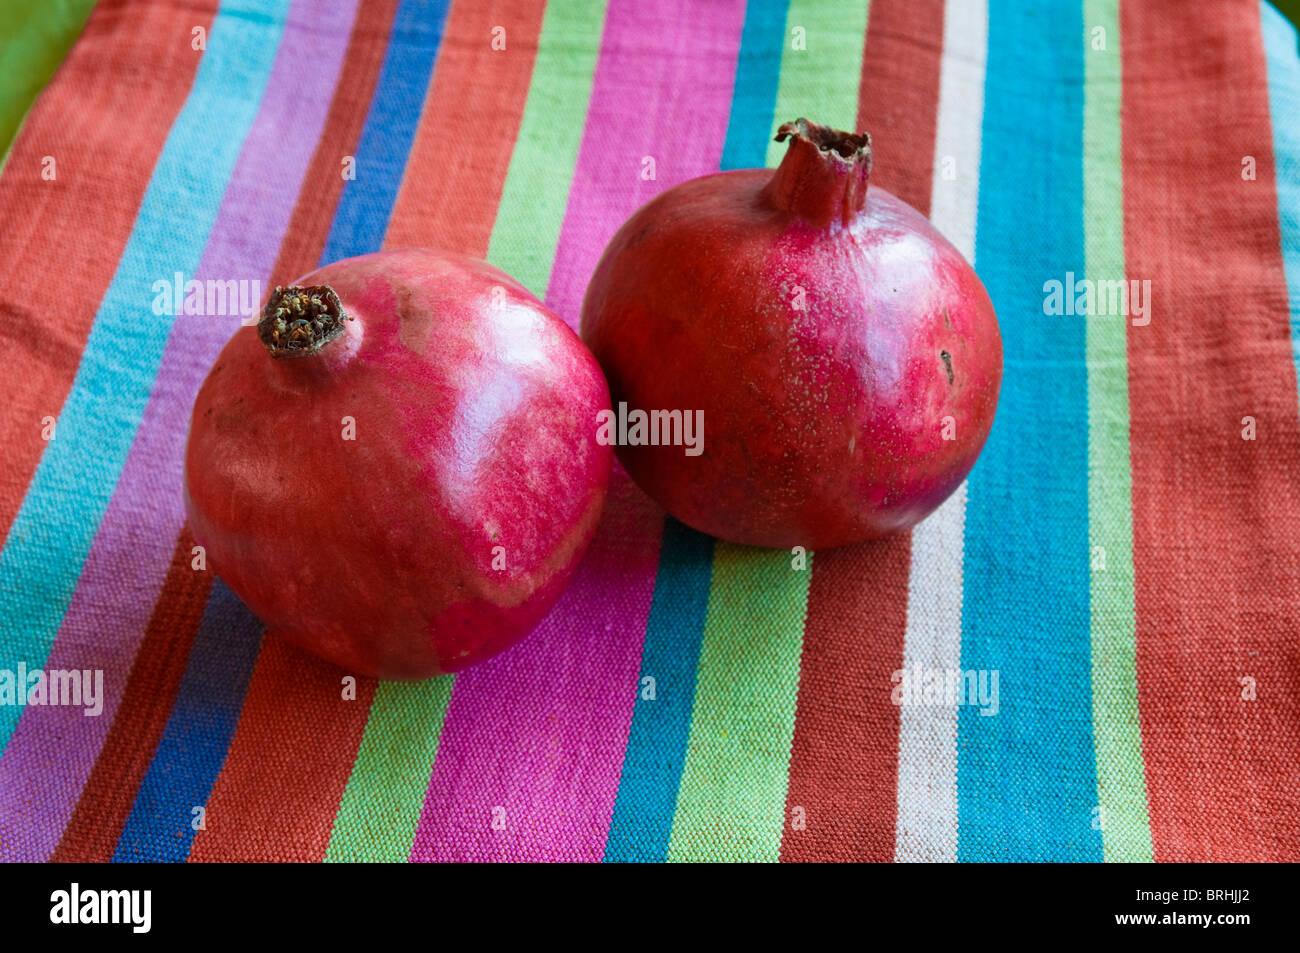 Fruits de Grenade avec un chiffon de coton à rayures de couleur arrière-plan. Photo Stock